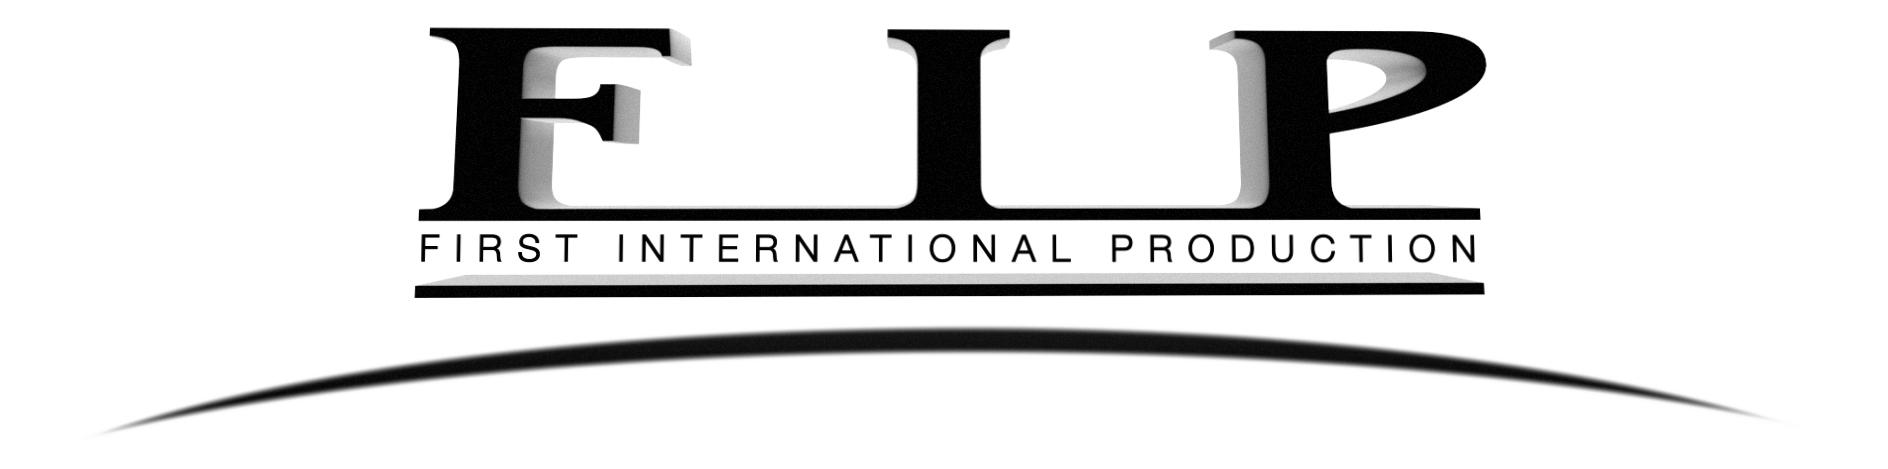 logo fip_2012 FondBlanc NetB